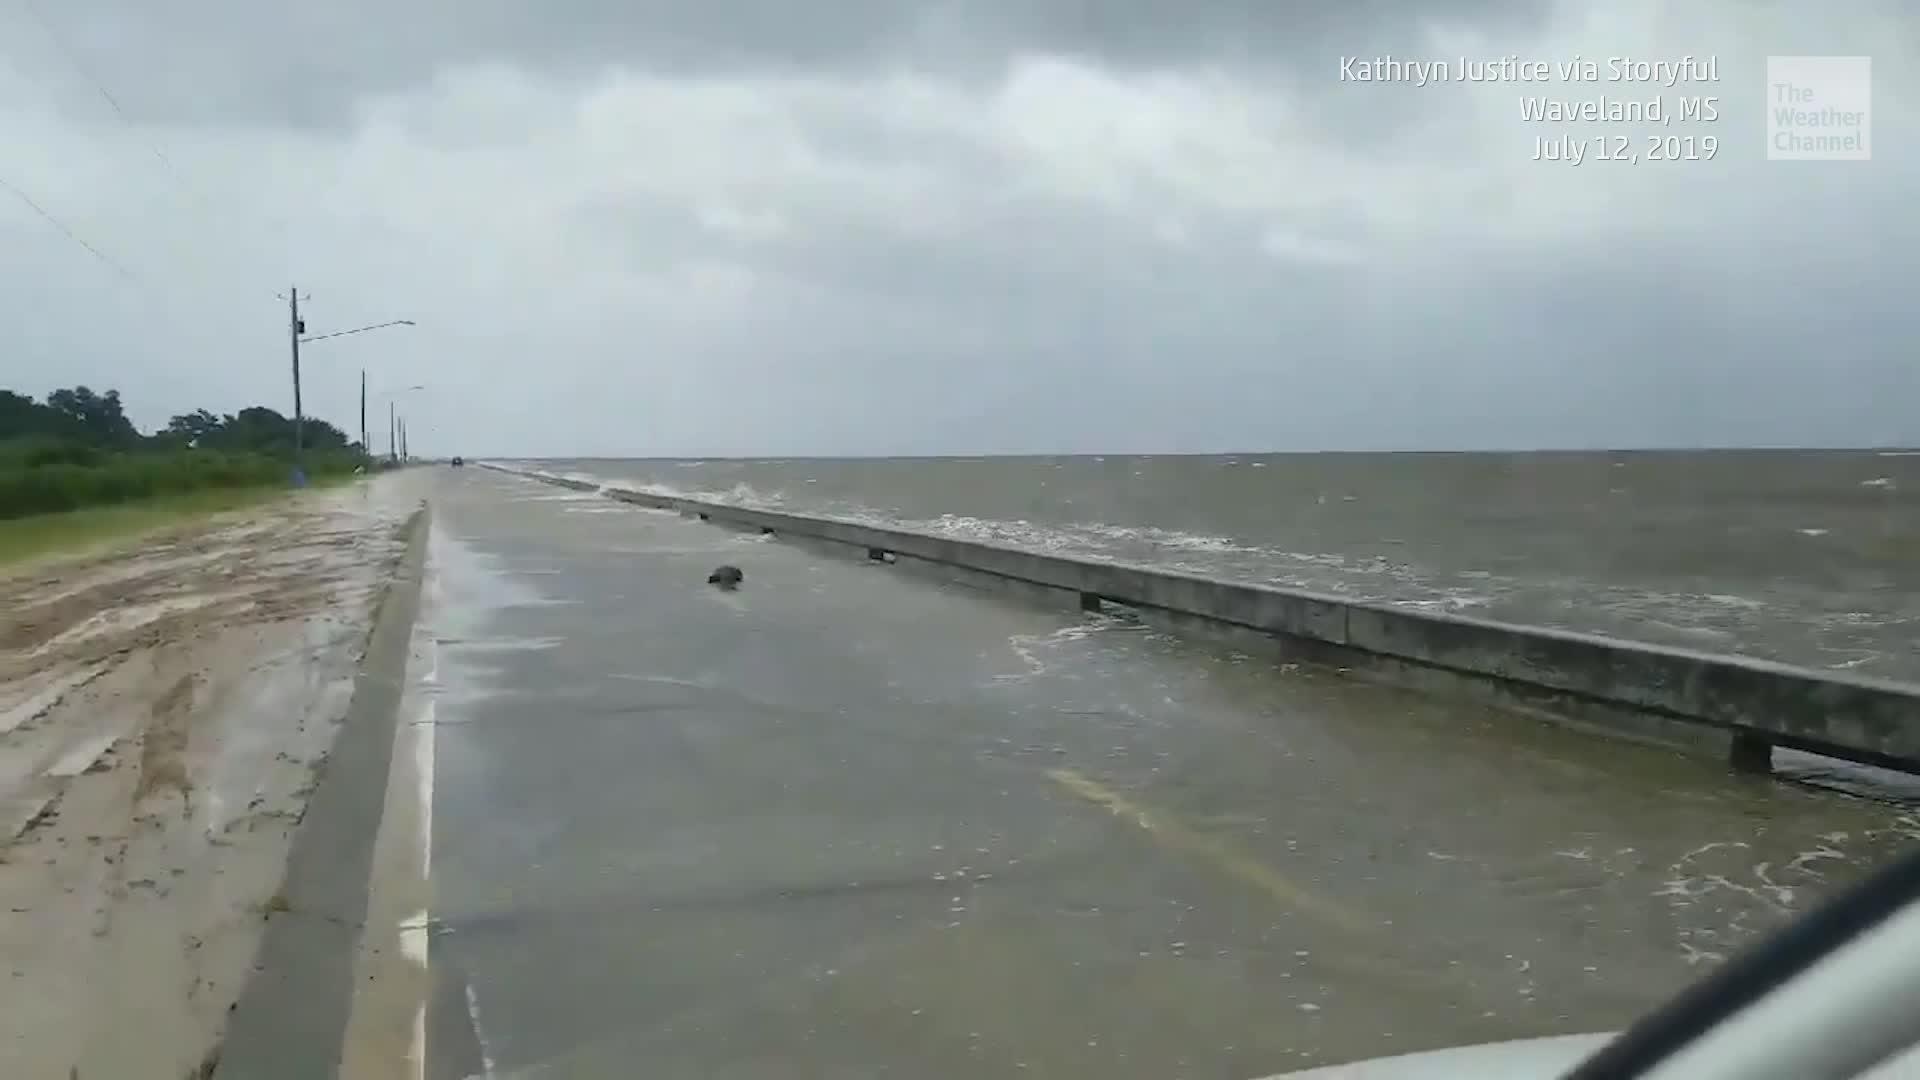 El huracán Barry causó inundaciones que desplazaron a animales peligrosos antes de tocar tierra.